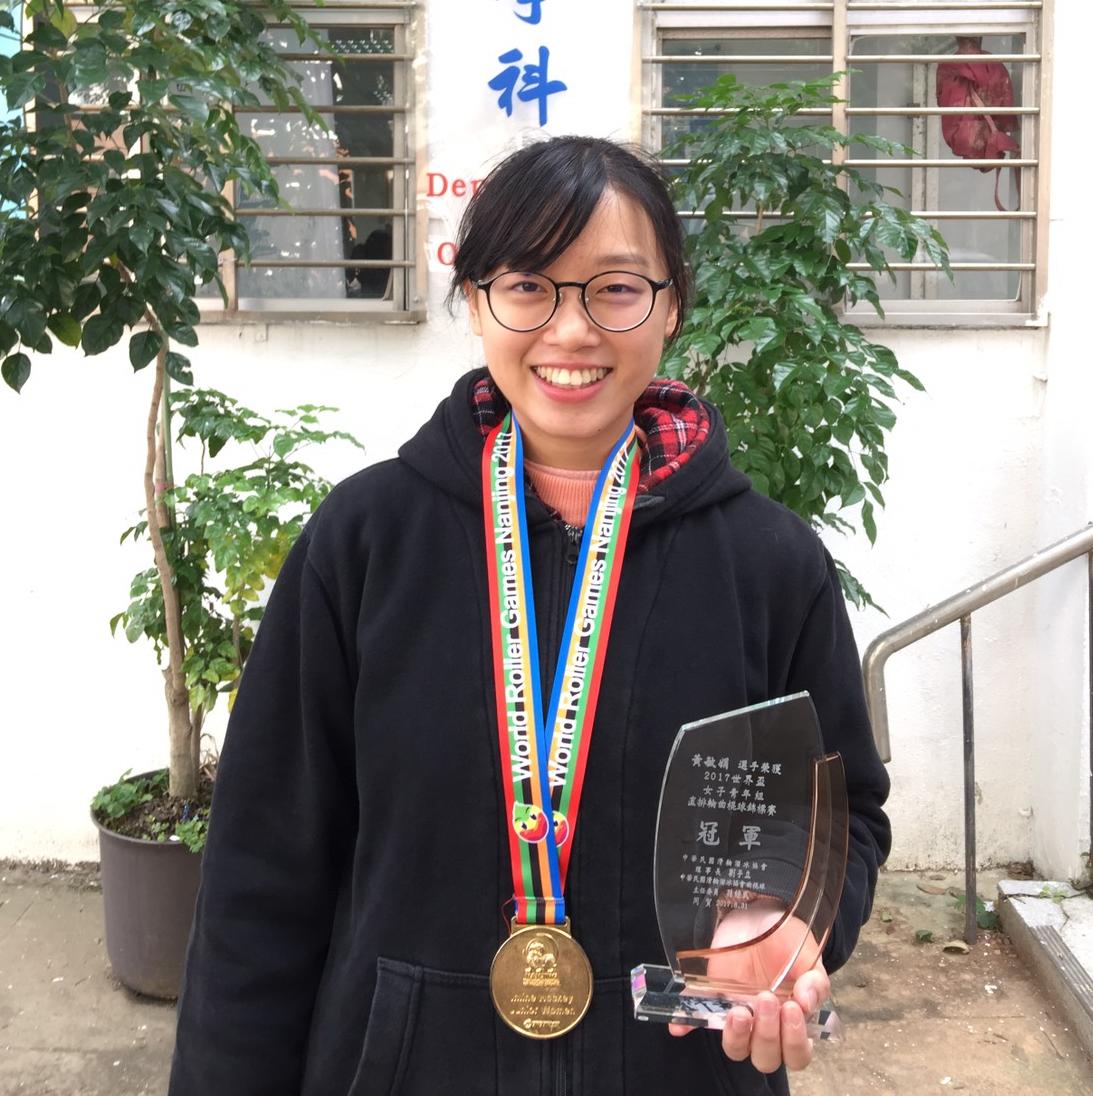 恭賀視光學科黃敏娟同學榮獲FIRS2017世界直排冰球錦標女子青年組冠軍